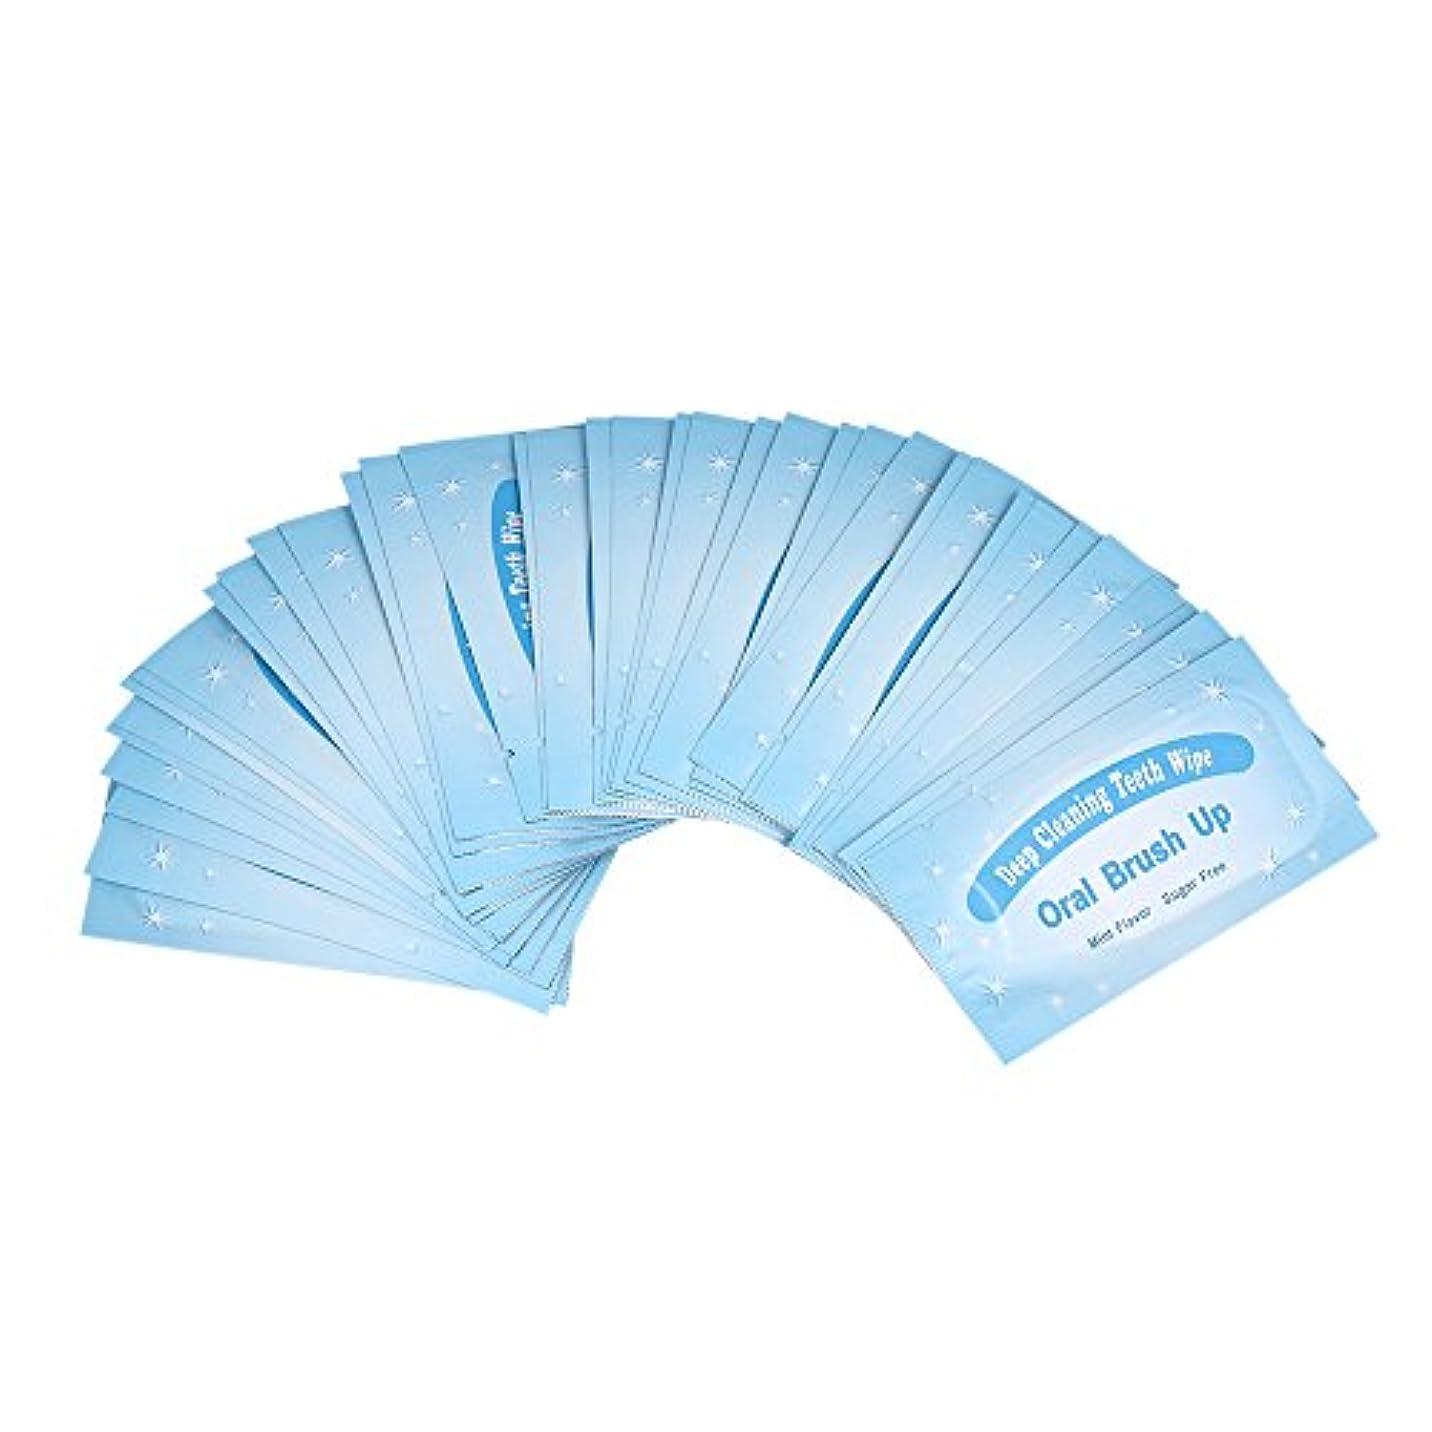 Decdeal 歯ホワイニング 50個 ワイプ歯がブラシ アップワイプ歯科クリーン 歯口腔深部洗浄ツール